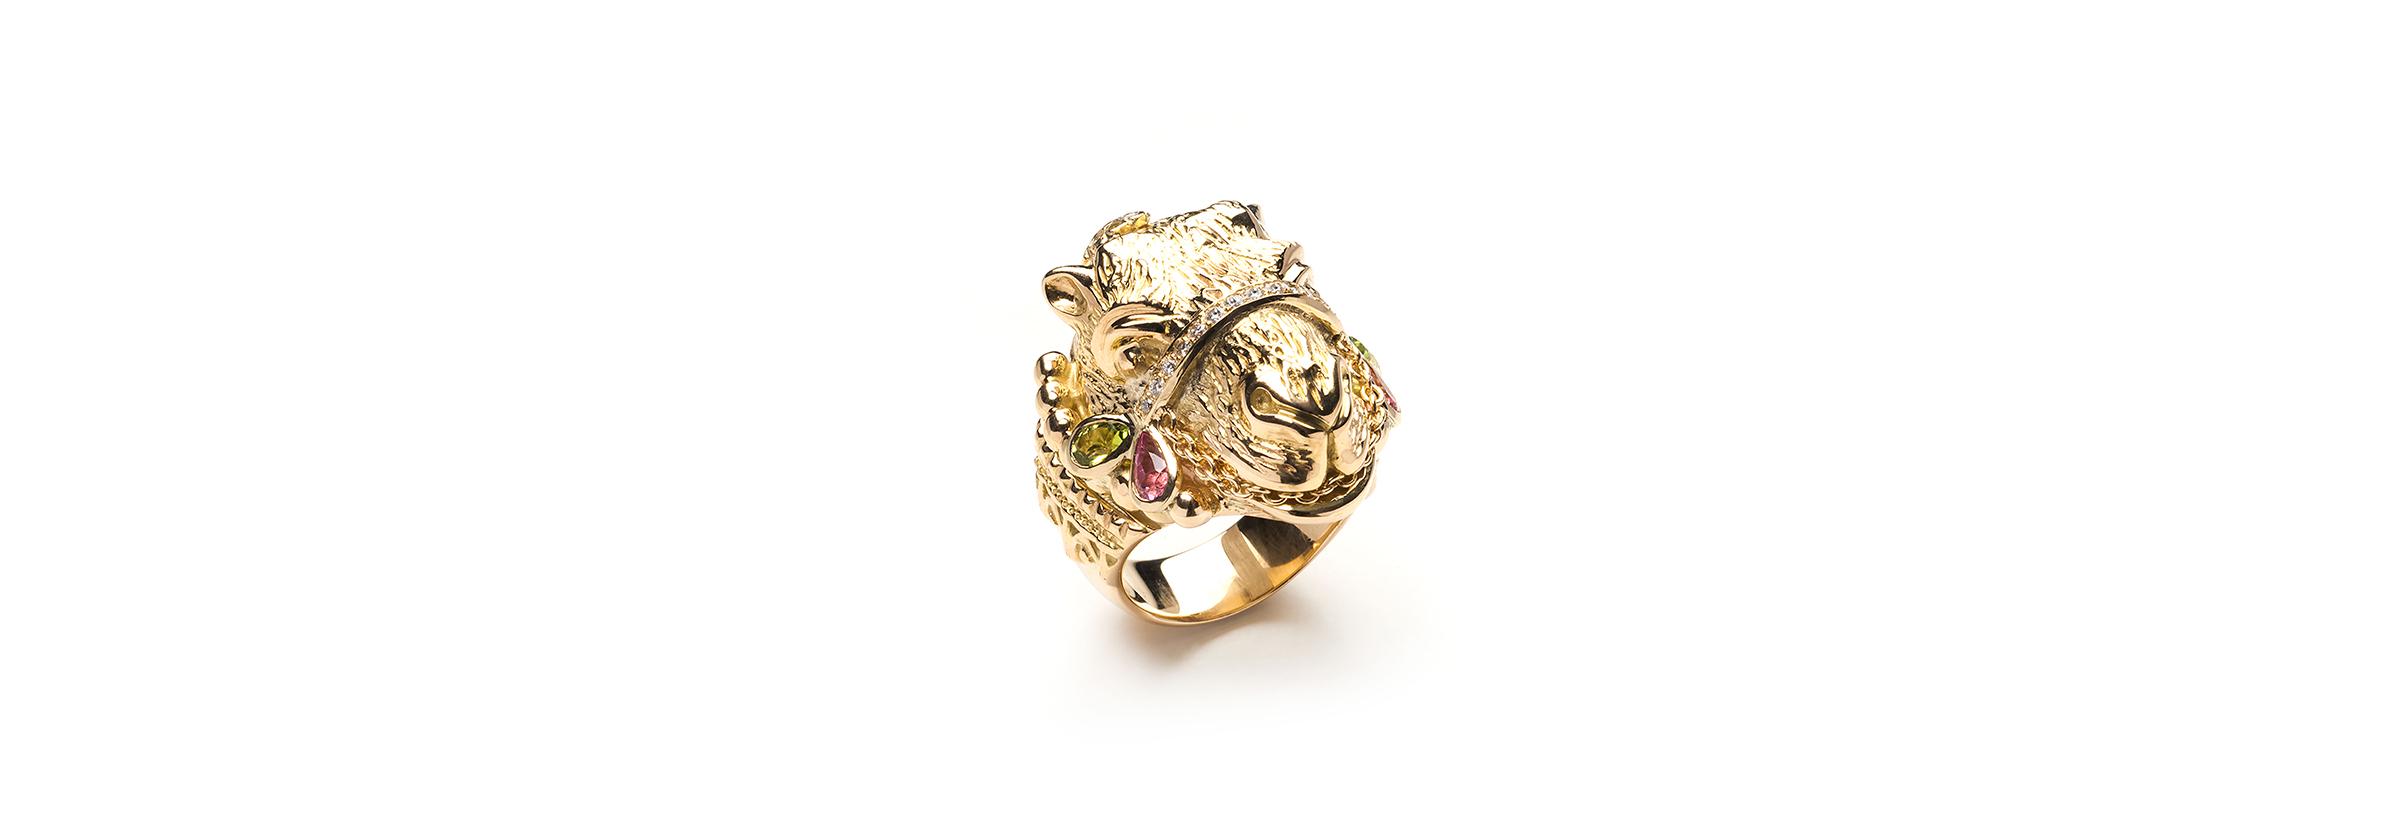 Camel Ring